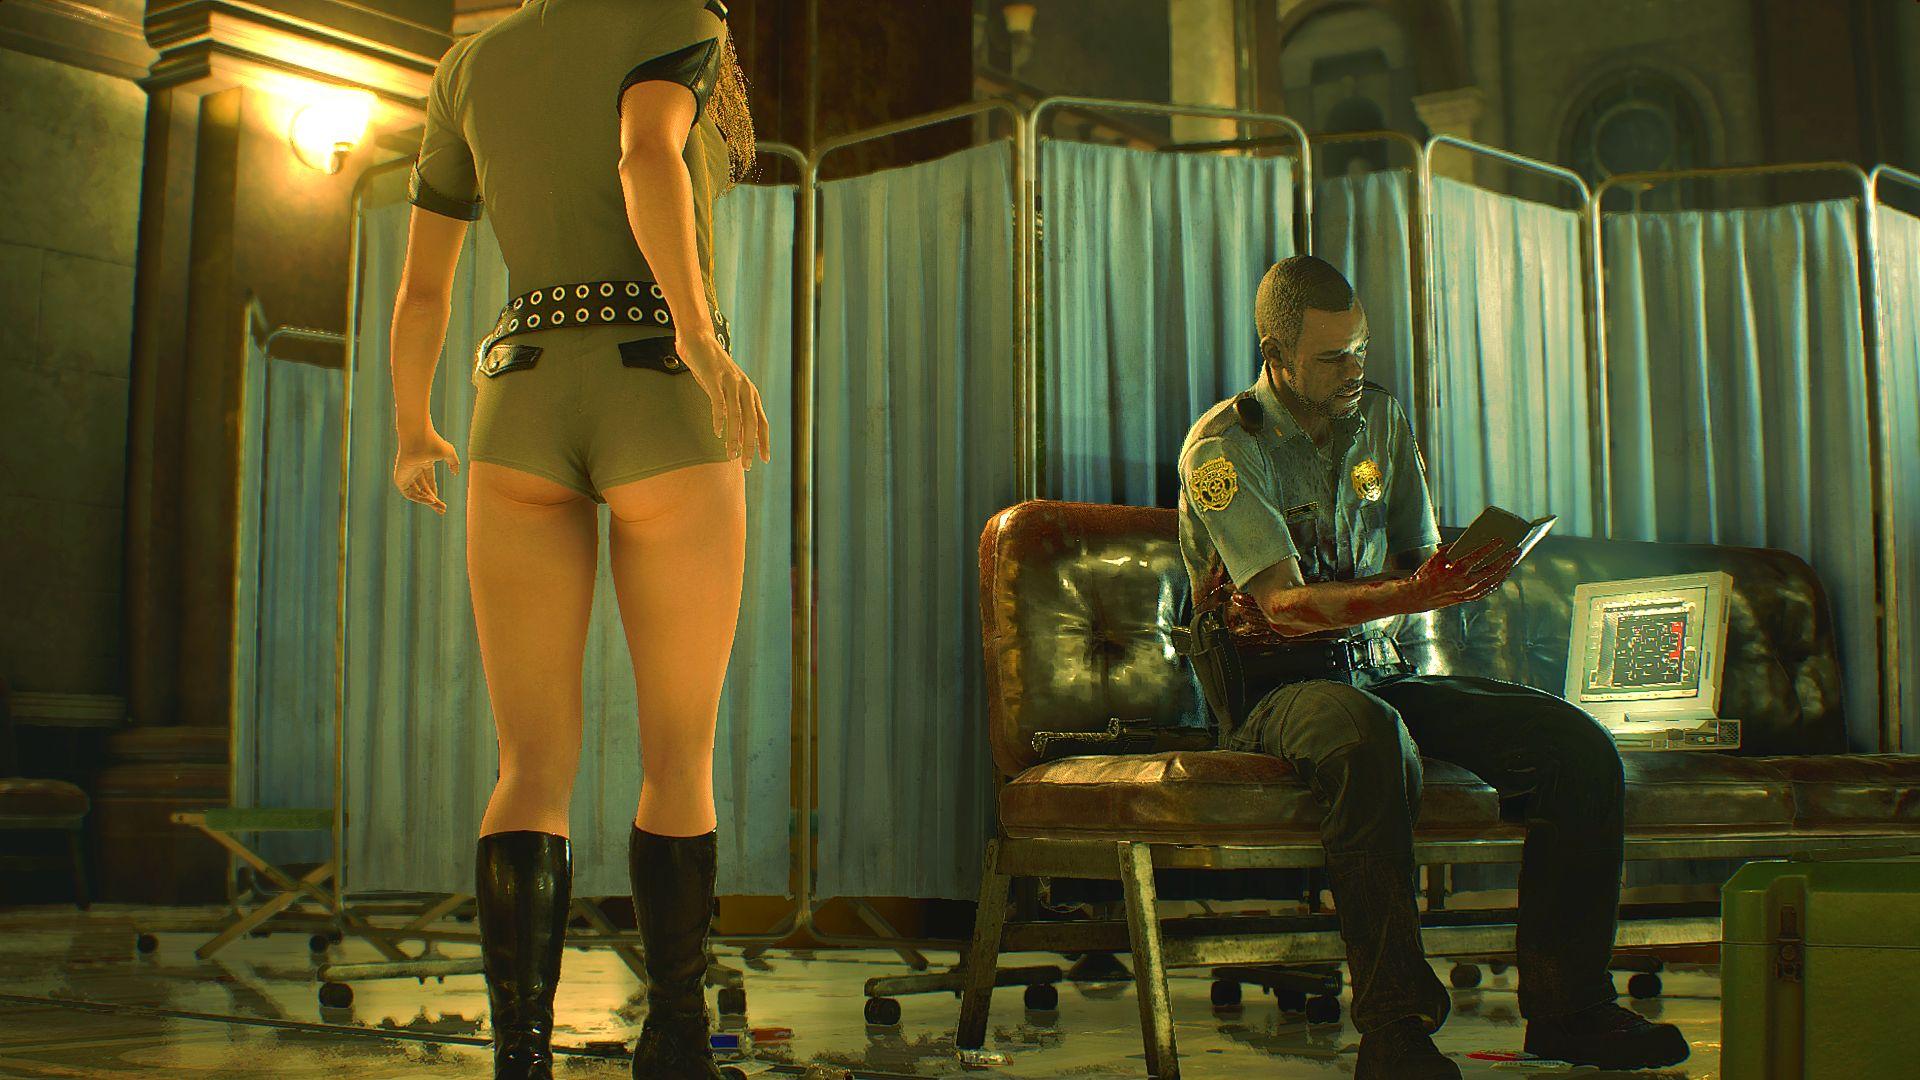 000748.Jpg - Resident Evil 2